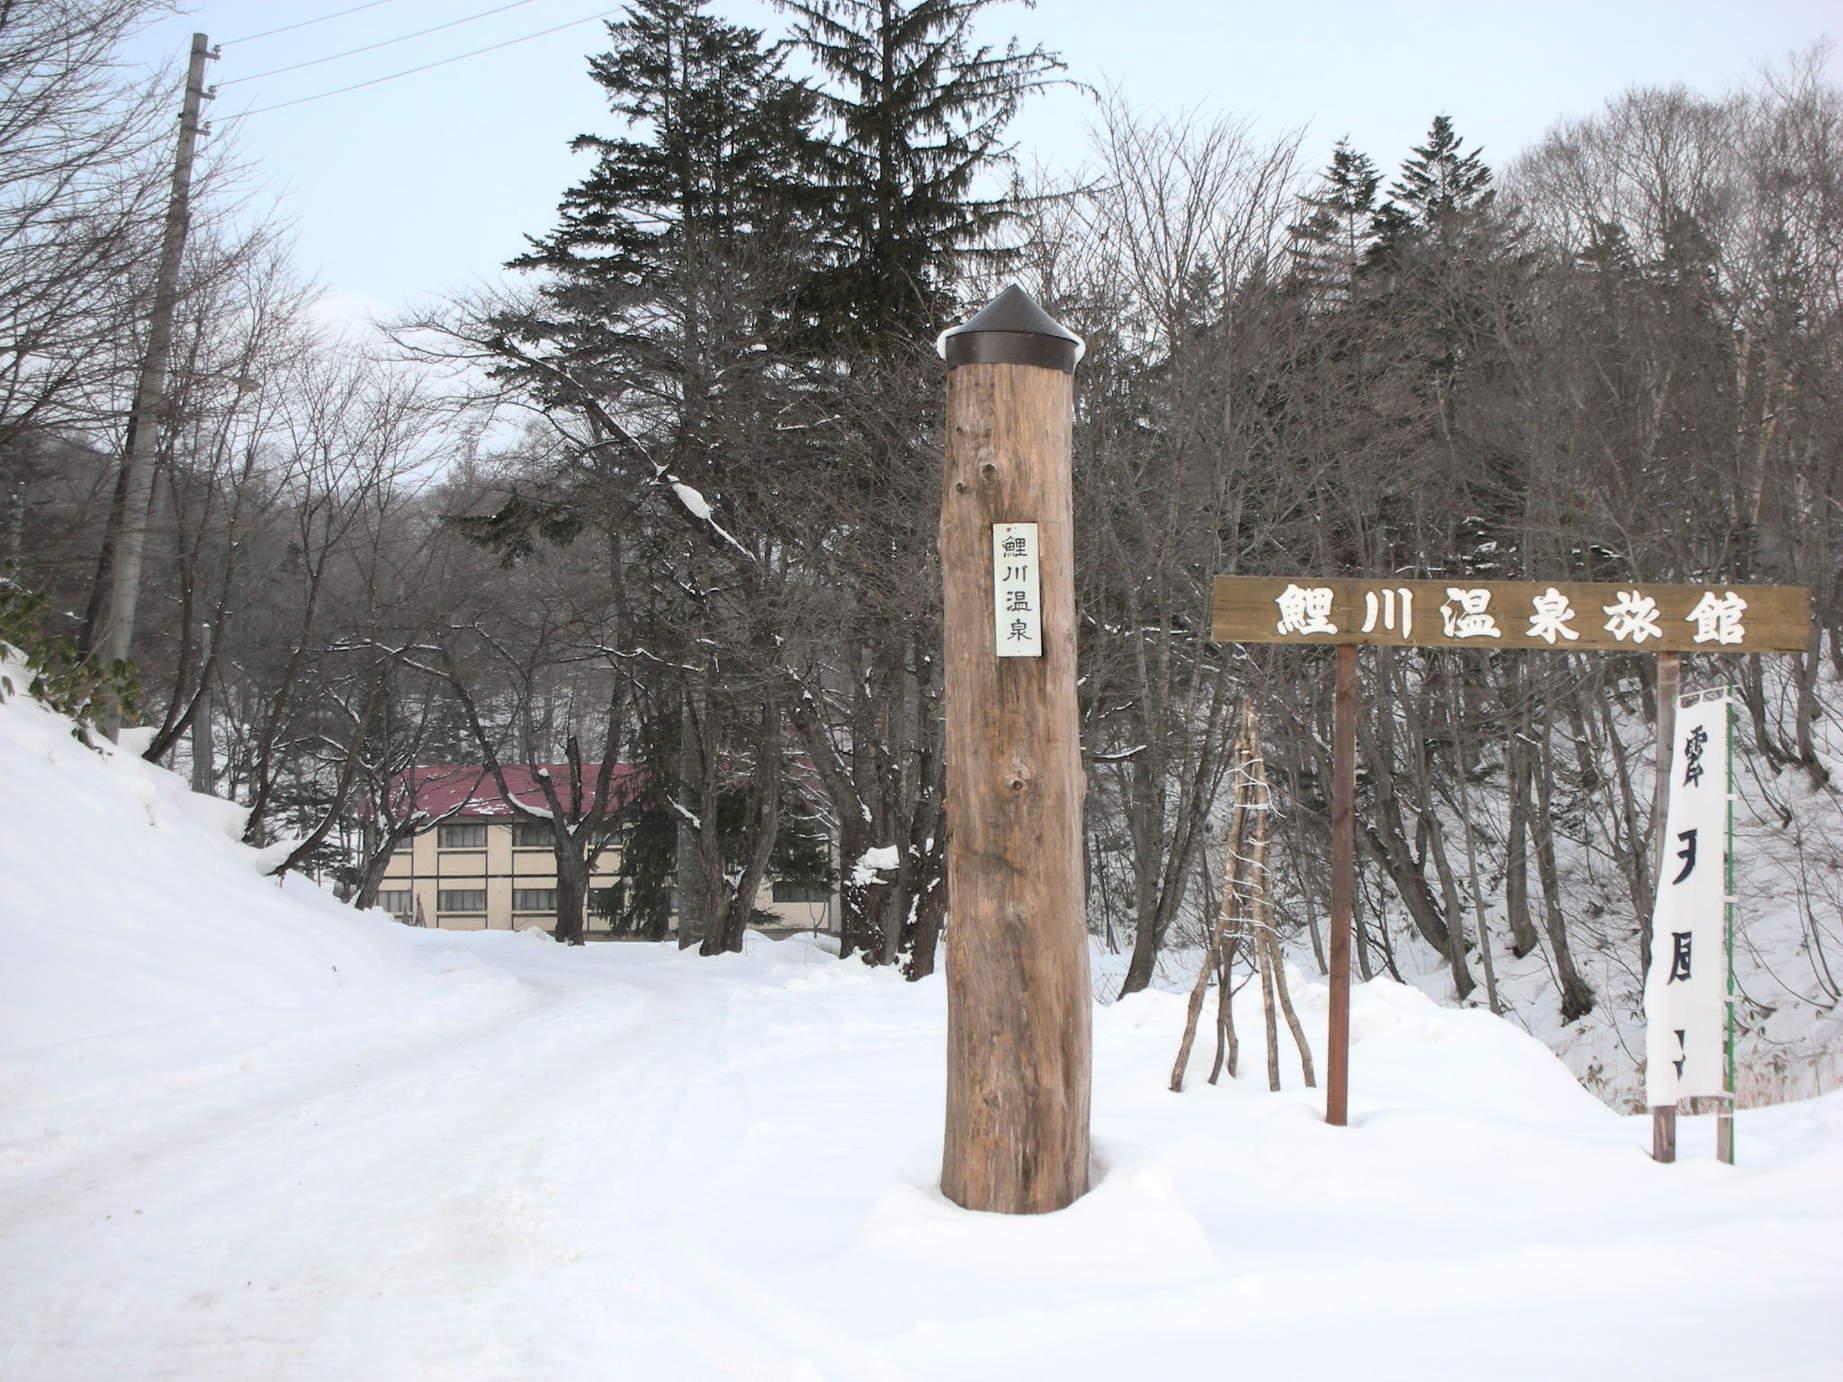 鯉川温泉旅館